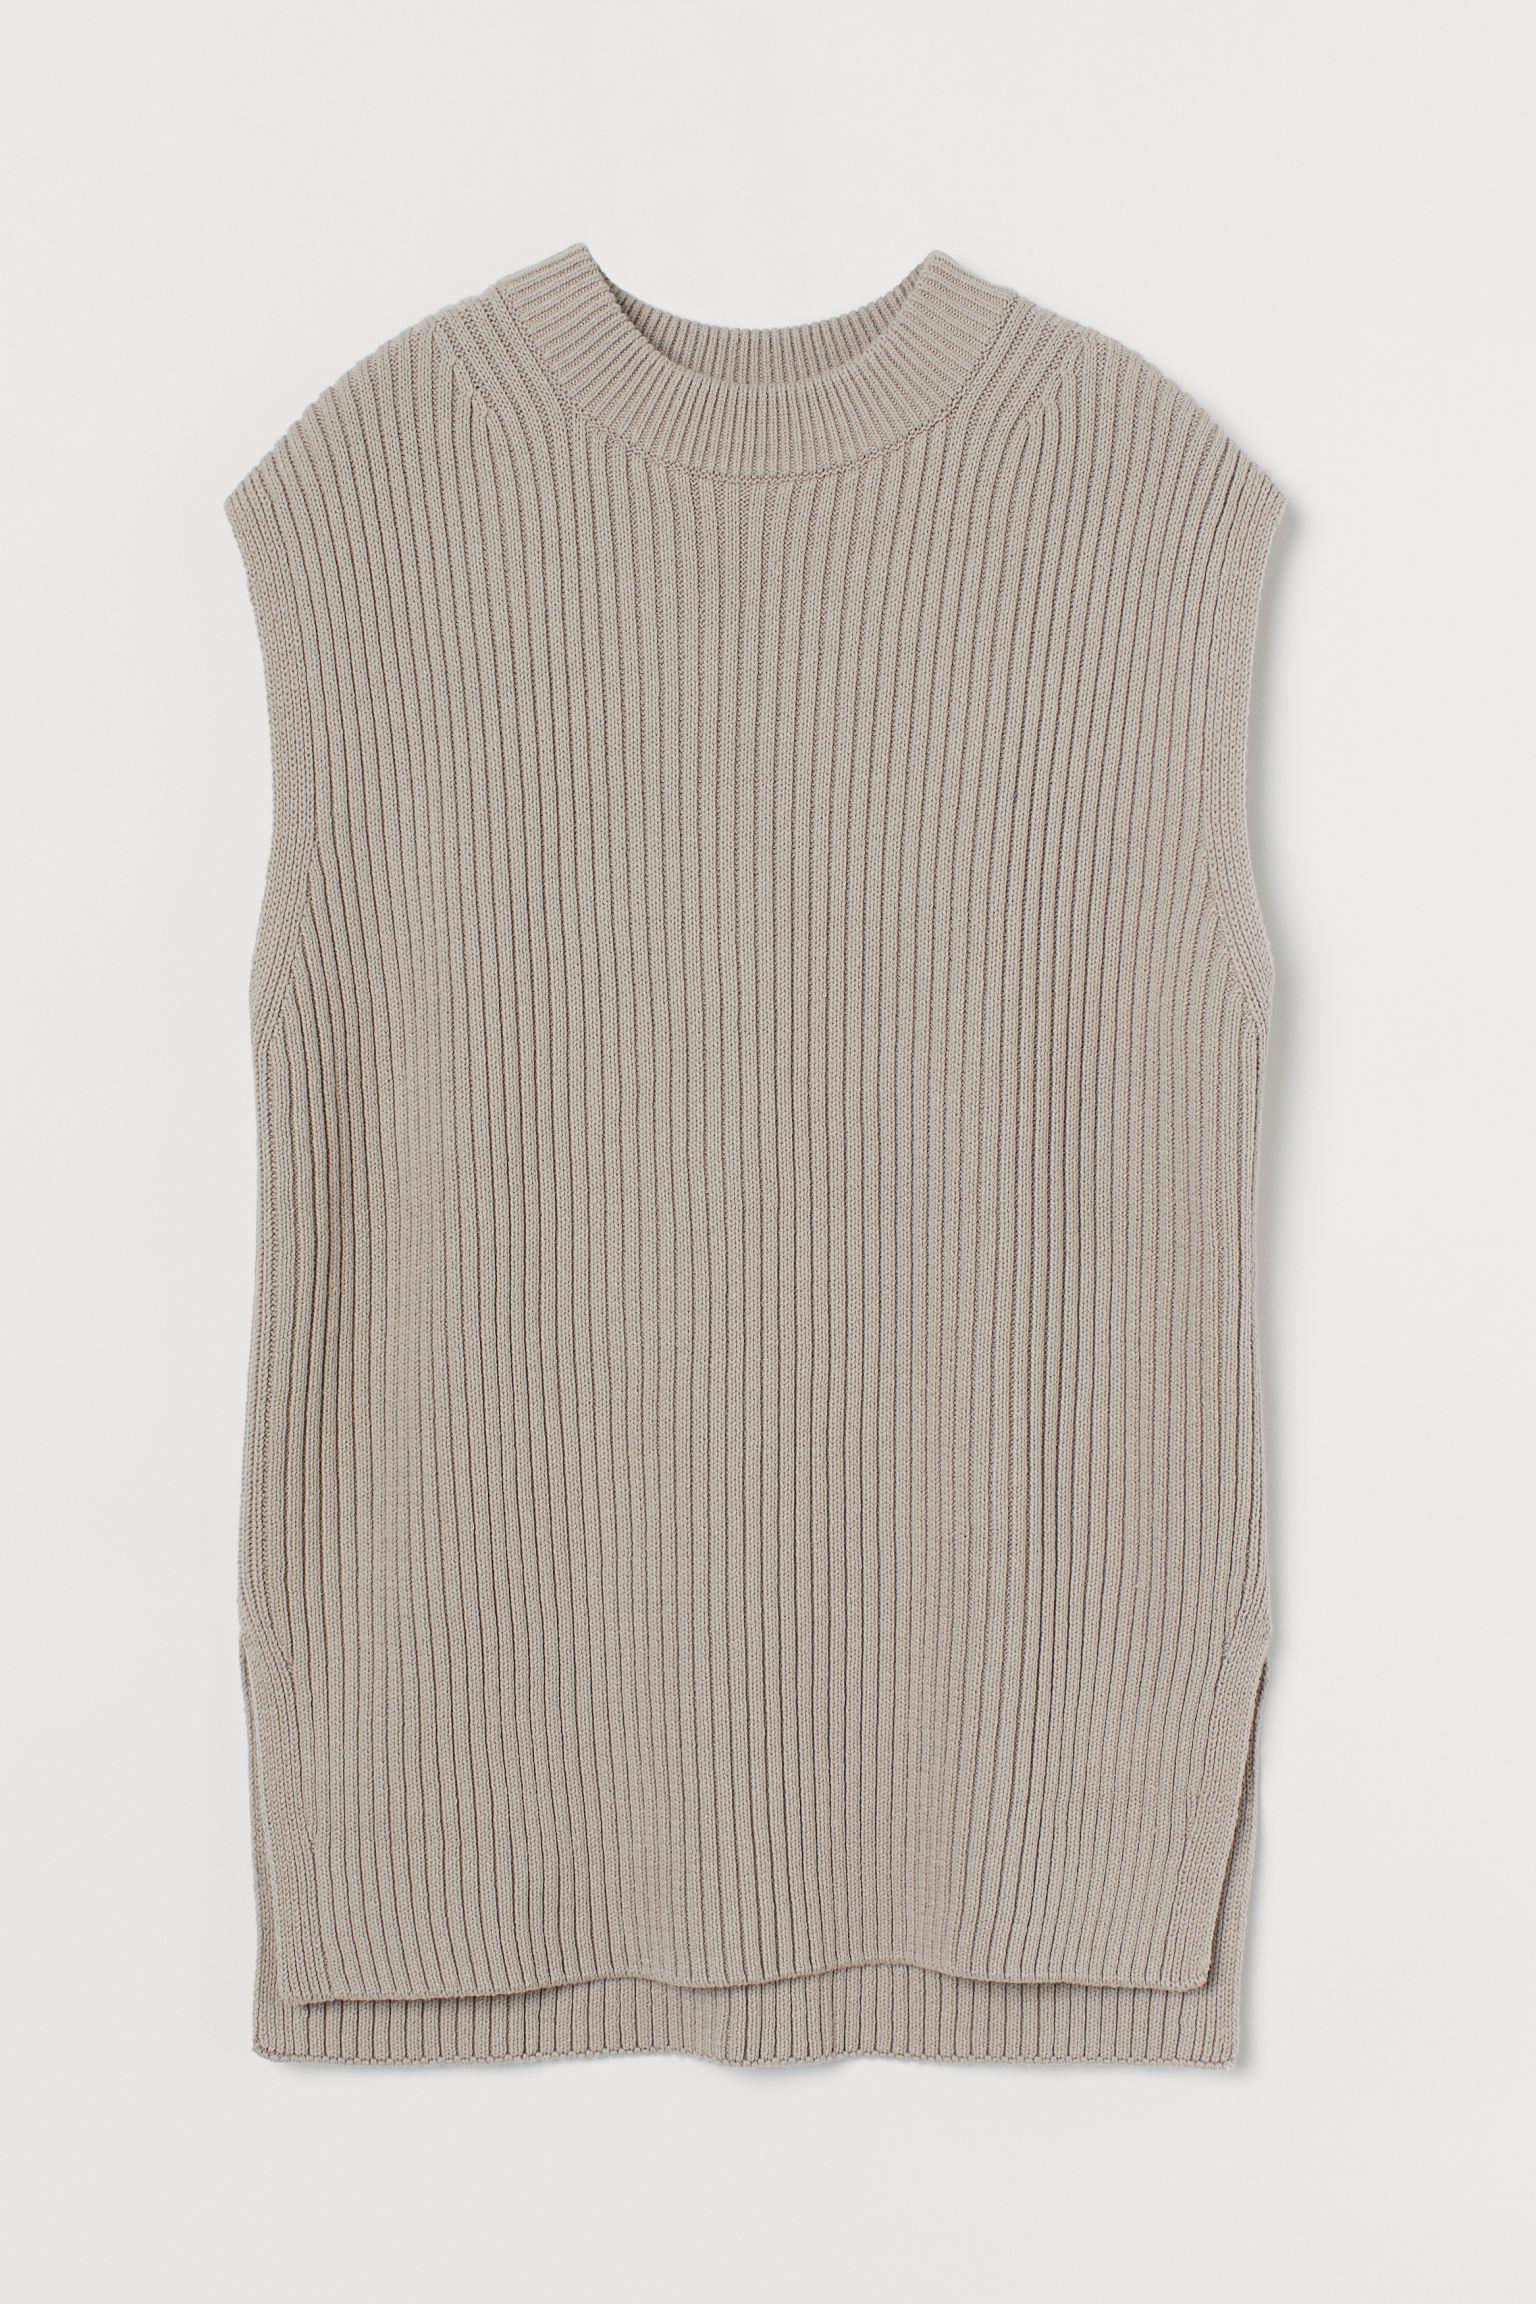 Suéter sin mangas de canalé. Modelo de corte relajado con cuello redondo, sisas amplias y aberturas laterales pronunciadas.